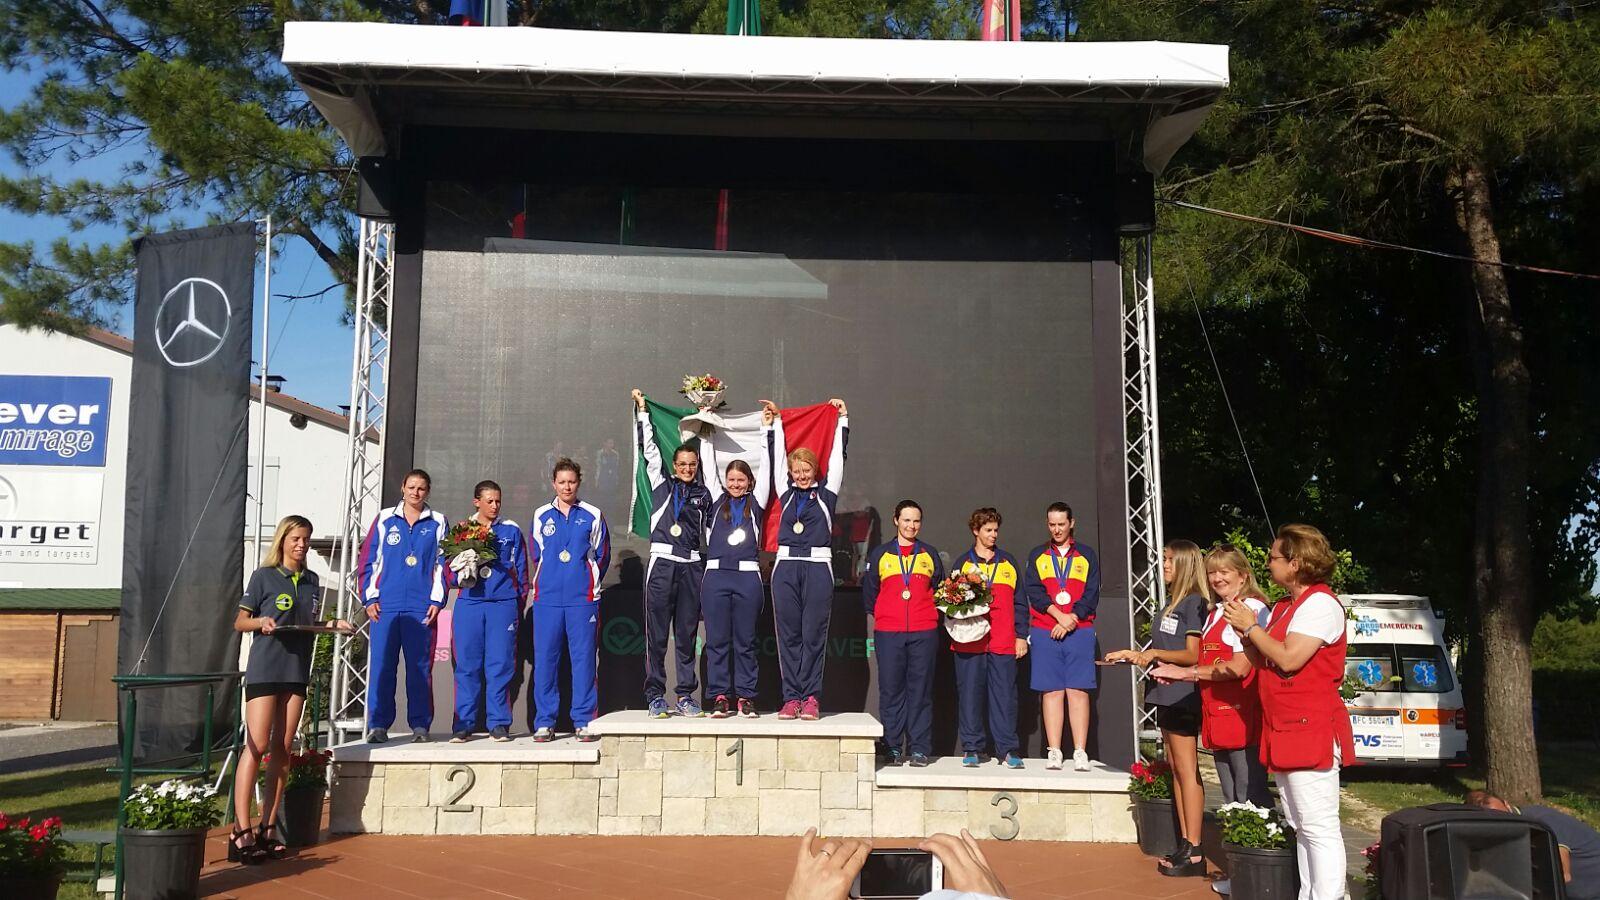 La entrega de medallas del Campeonato de Europa celebrado en Italia. Fuente: RDEDETO.